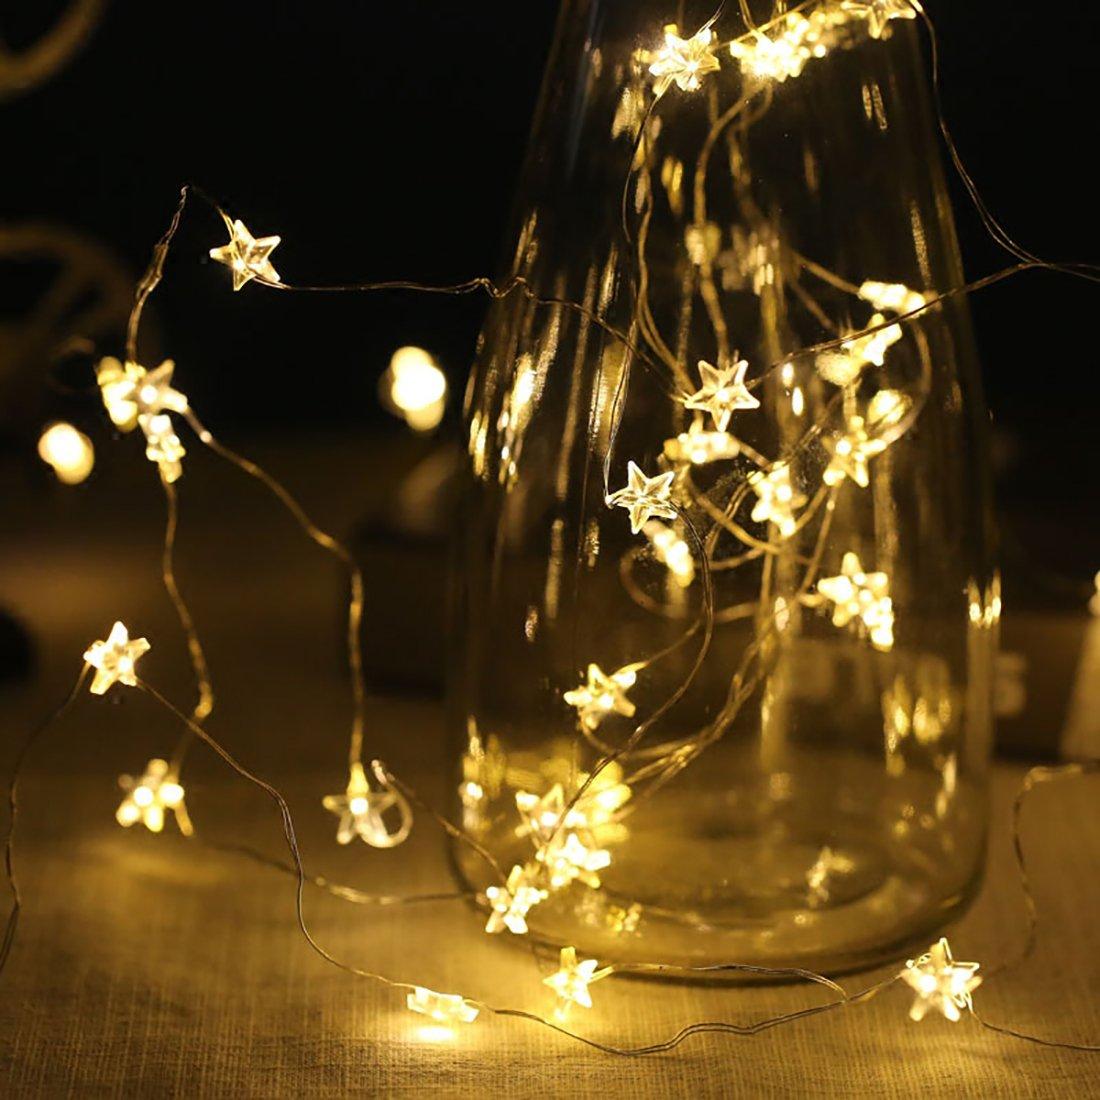 Atemberaubend Führte Weißen Draht Der Weihnachtslichter ...